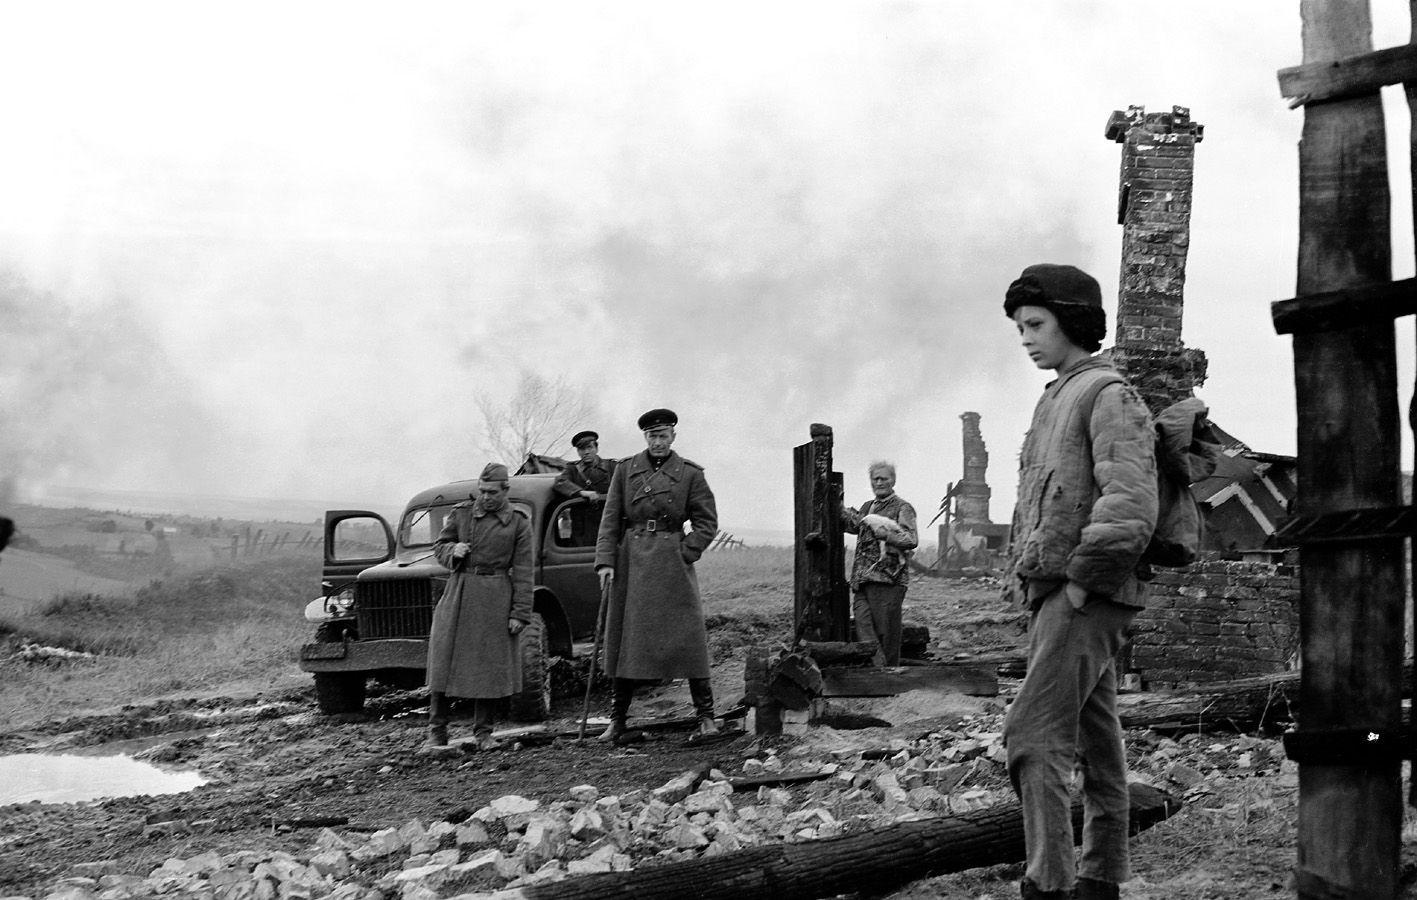 Ivanovo detstvo (Ivan childhood), Andrei Tarkovsky, 1962